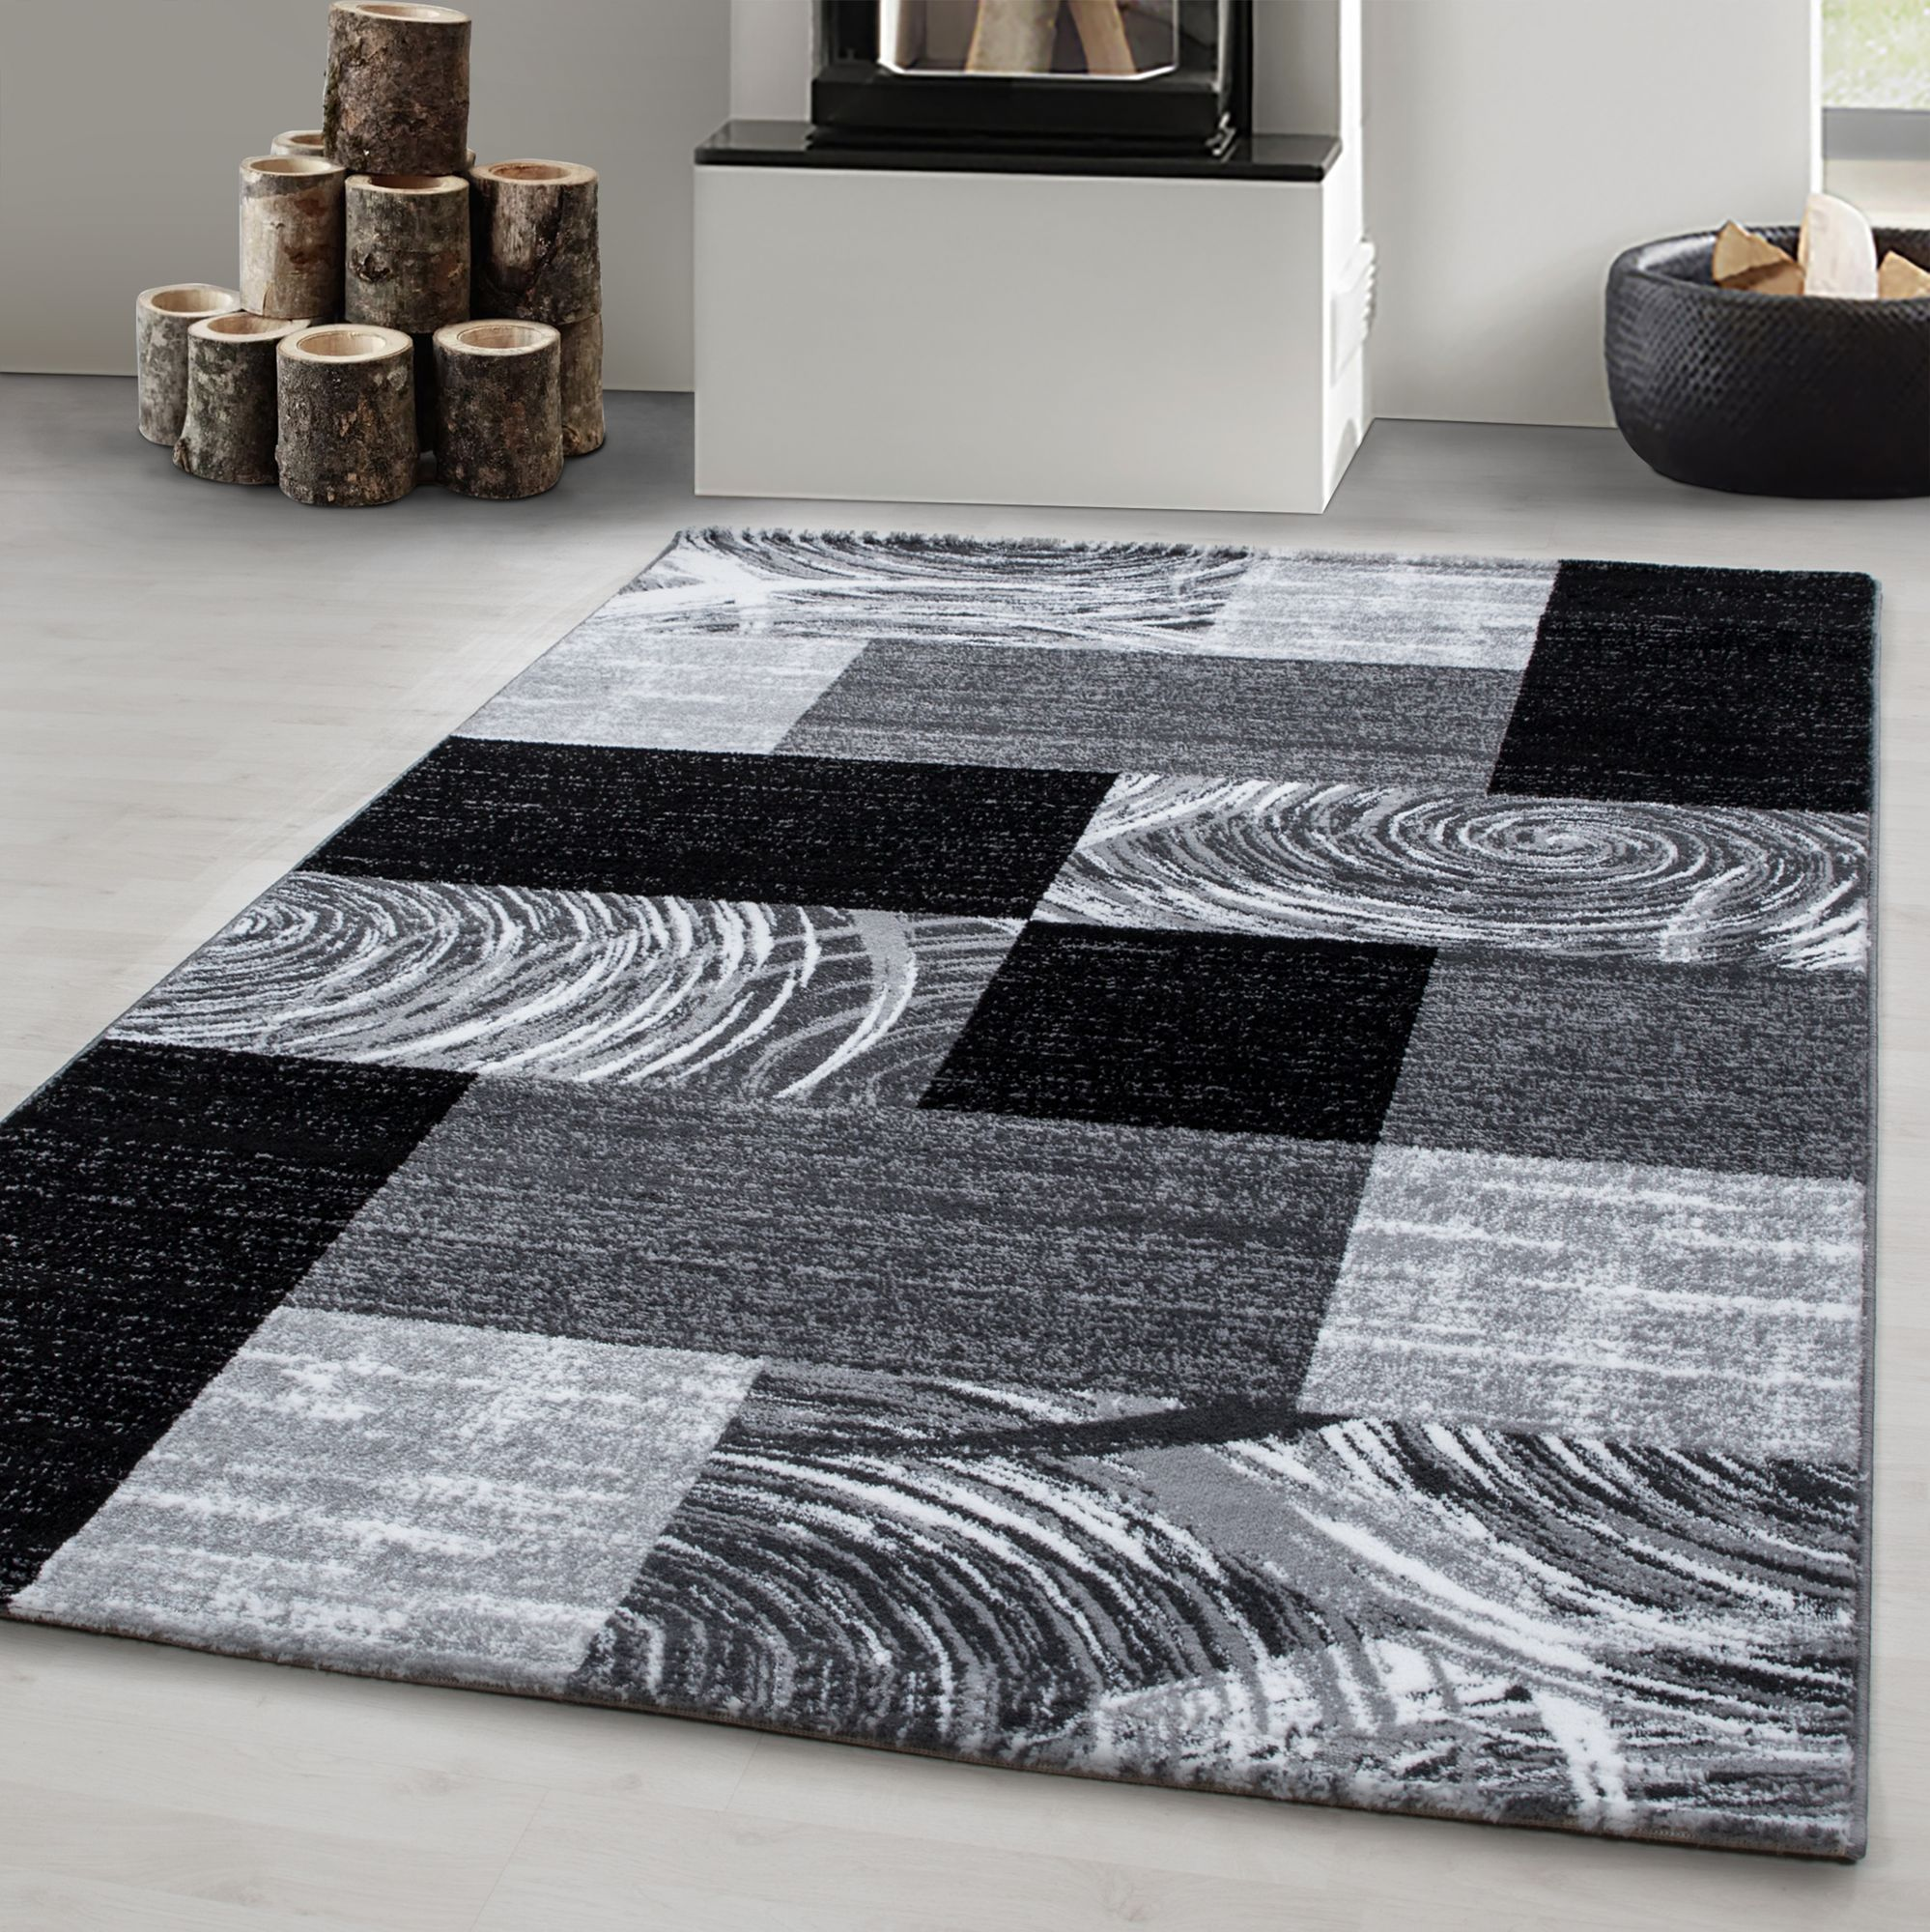 Teppich modern Designer Wohnzimmer Abstrakt Kariert Muster Schwarz Grau  Weiß | Mono Home GmbH